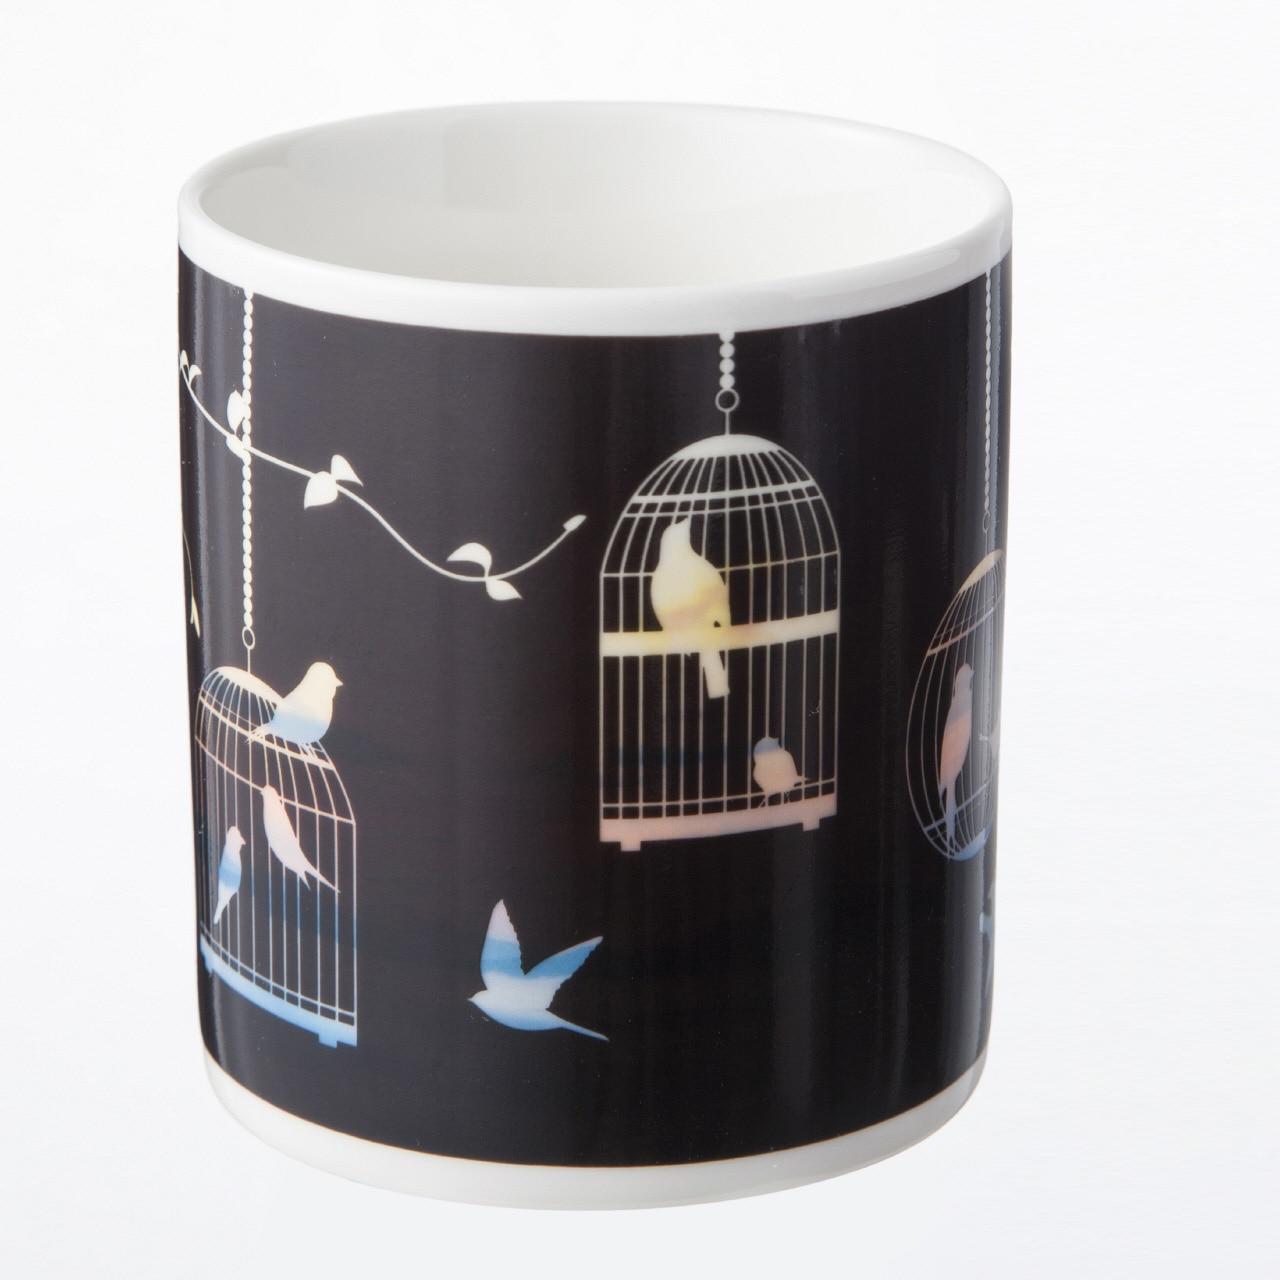 デザインが変わる魔法のマグカップ フライングバード